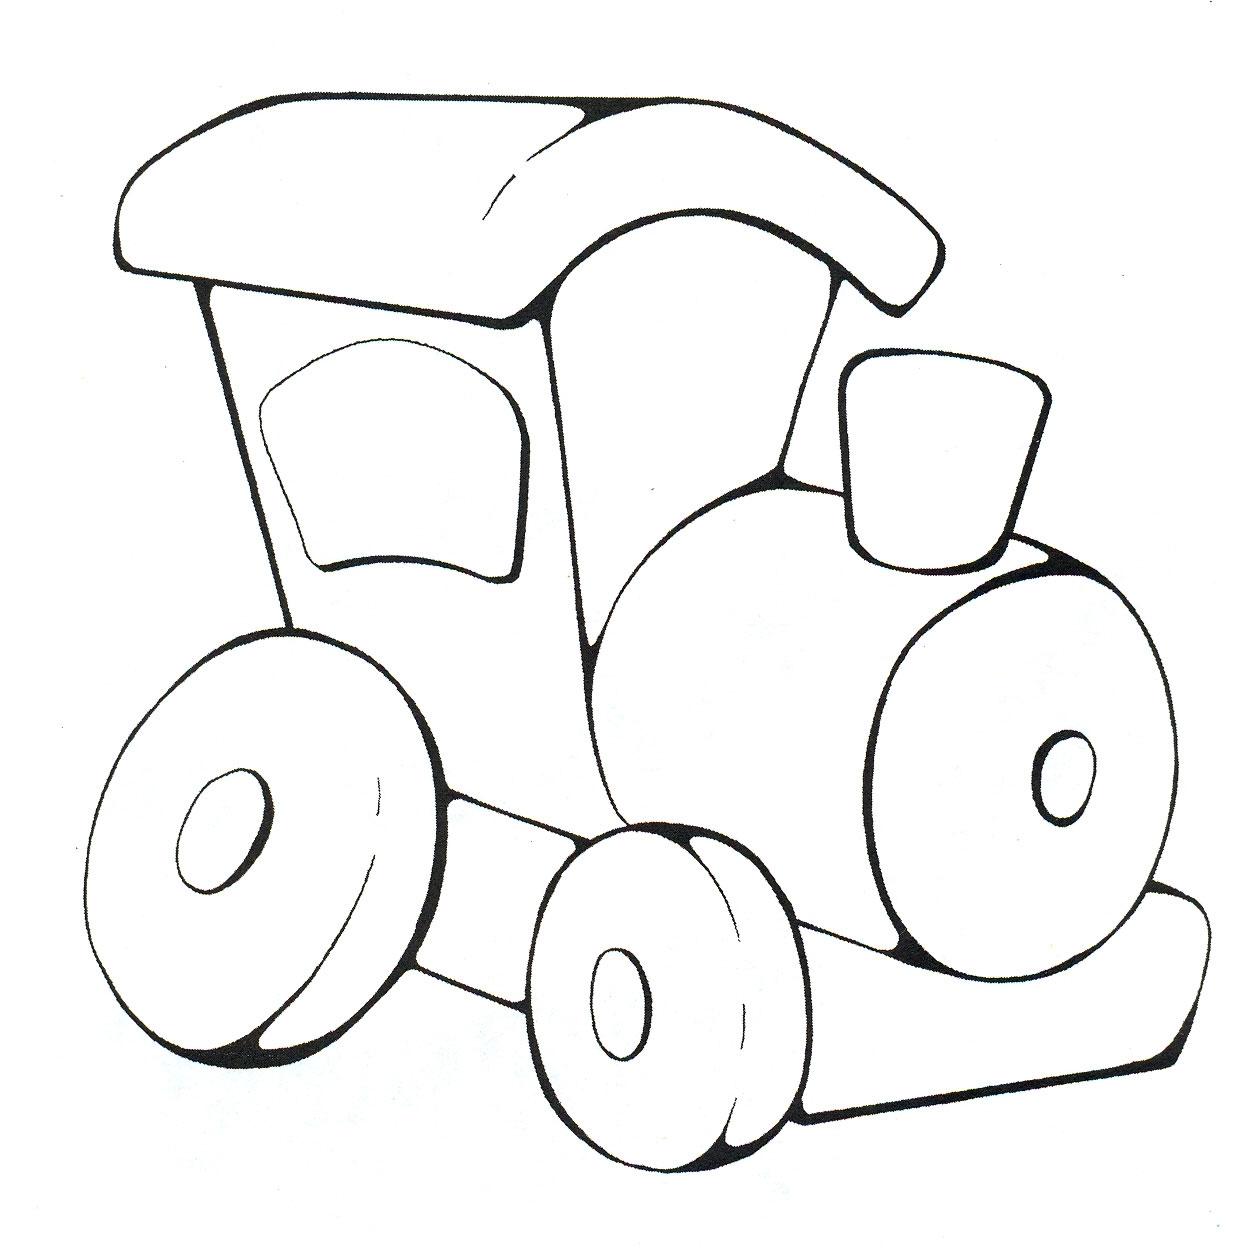 Раскраски для мальчиков 3,4 года - детские раскраски ...